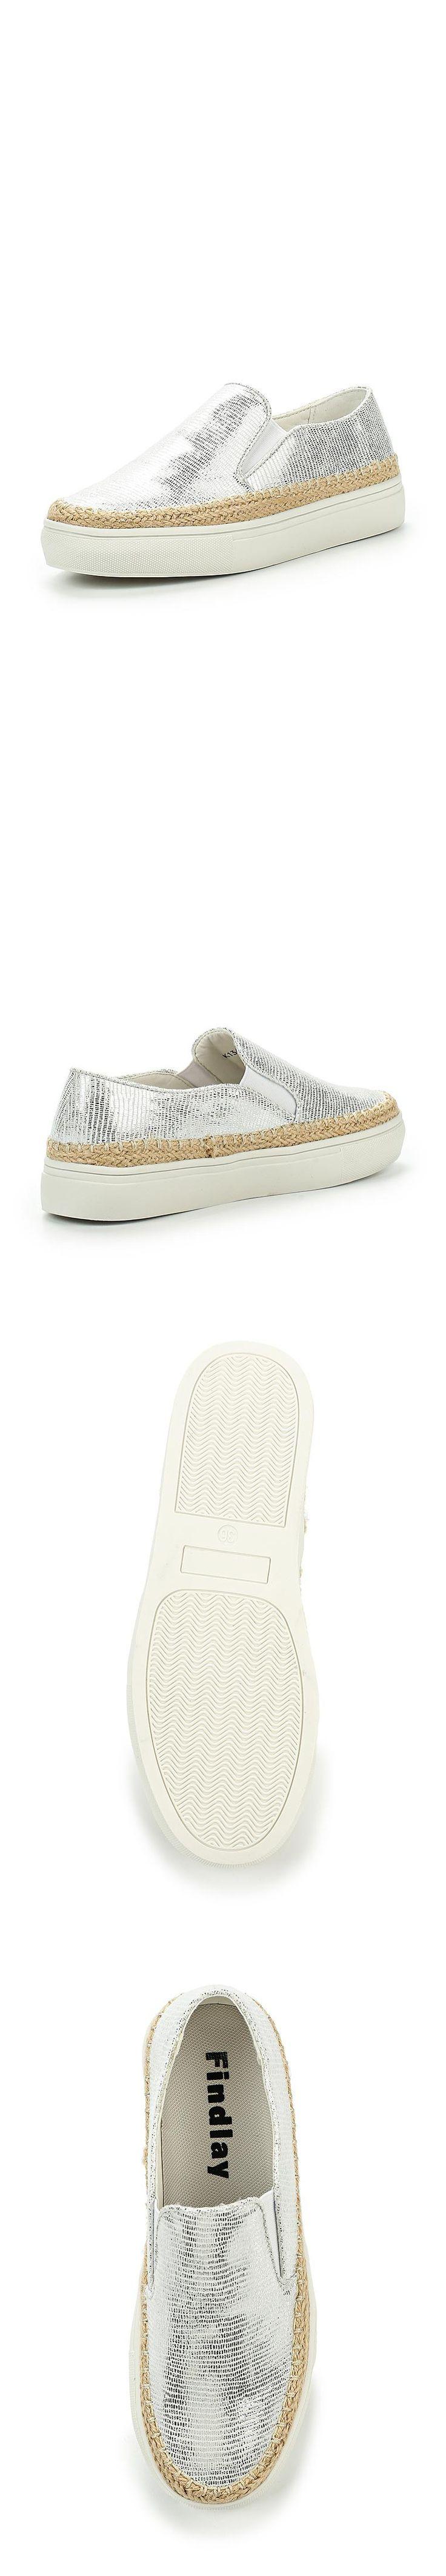 Женская обувь слипоны Findlay за 2530.00 руб.